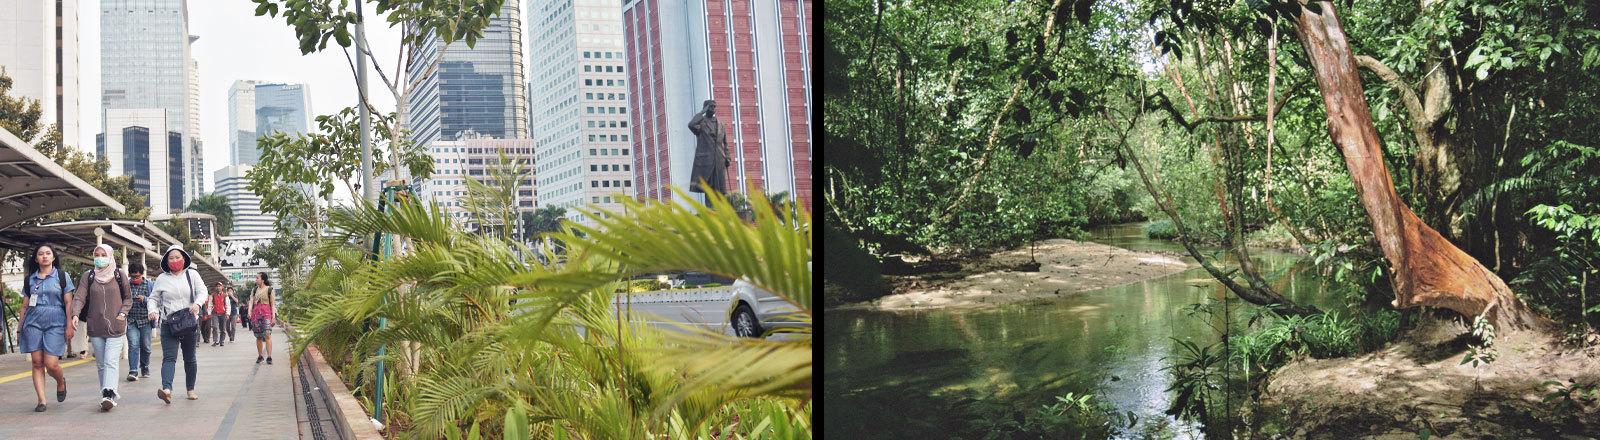 Menschen gehen über eine Straße in Jakarta und eine Naturlandschaft mit Fluss auf Borneo.